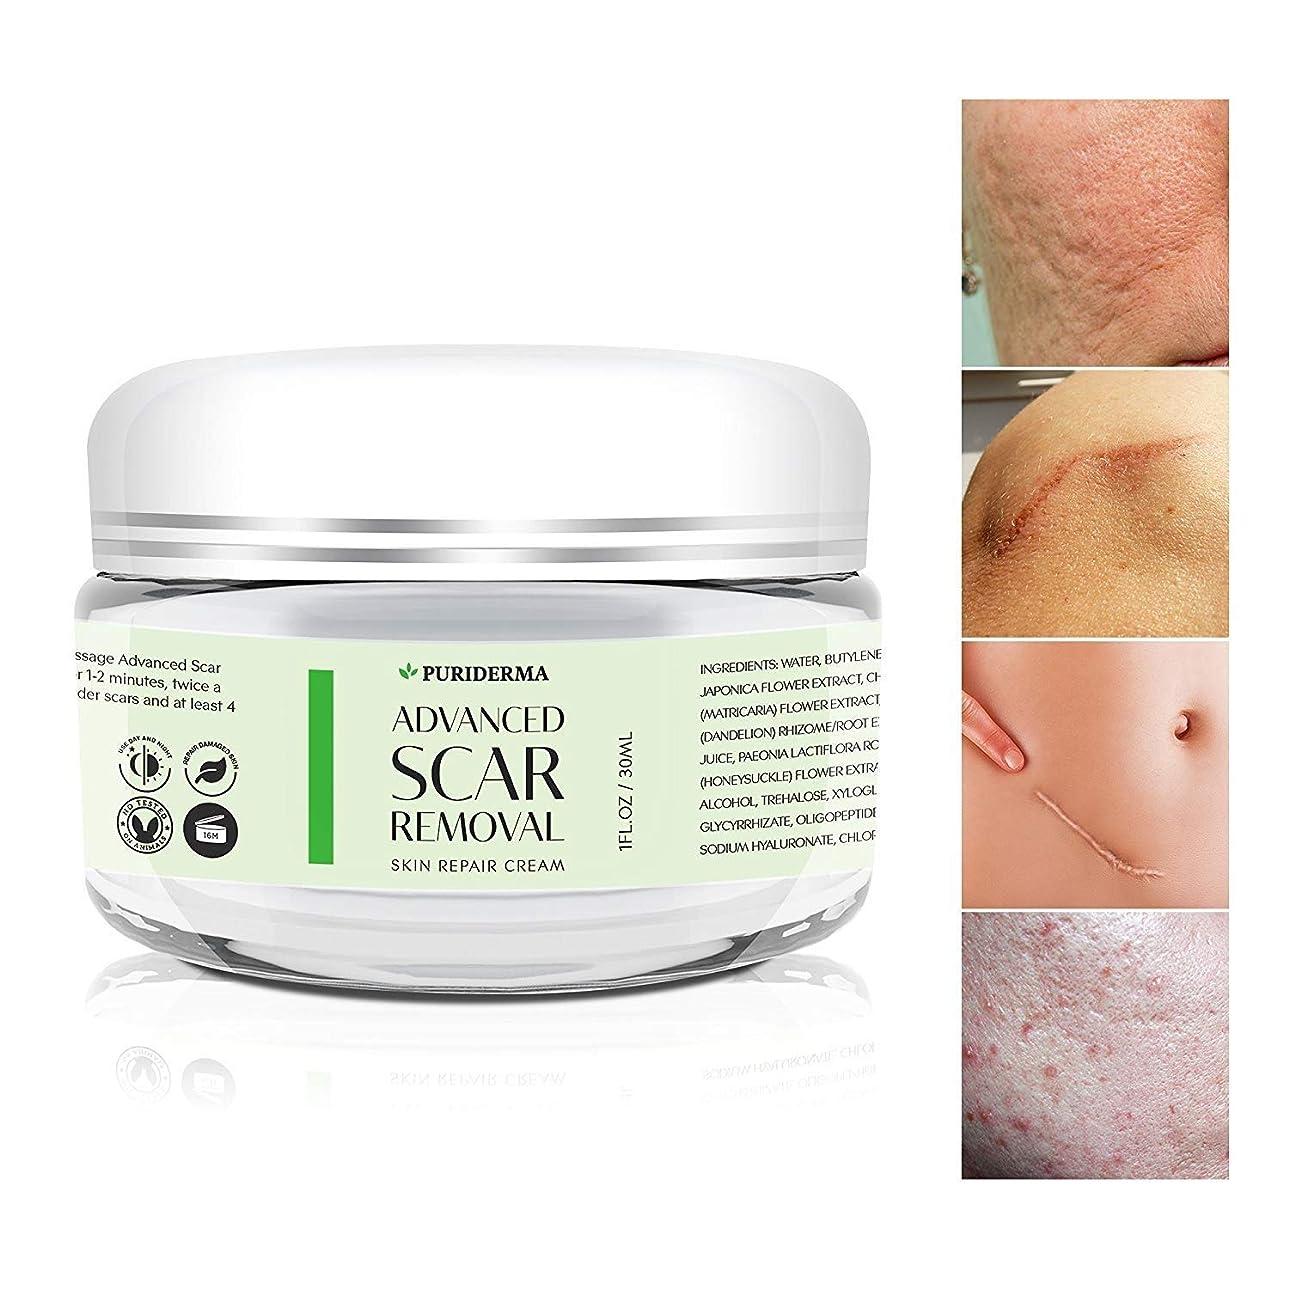 そこからへこみまっすぐにするPuriderma 社 の Advanced Scar Removal Cream (30 ml) 妊娠線 や 傷跡 修復に Advanced Treatment for Face & Body, Old & New Scars from Cuts, Stretch Marks, C-Sections & Surgeries - With Natural Herbal Extracts Formula -